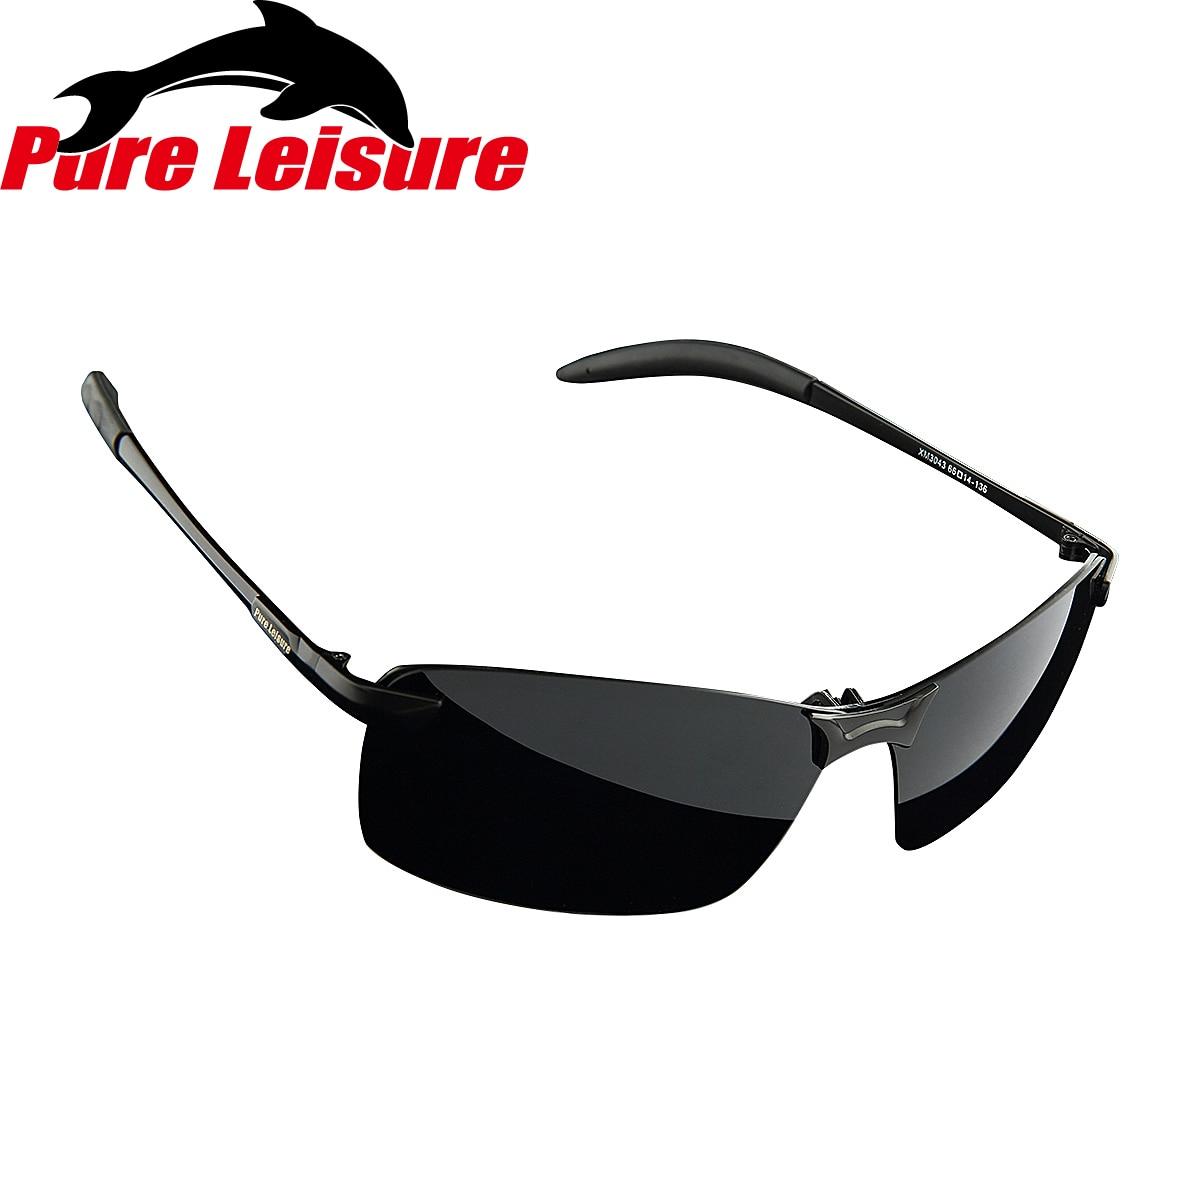 22906b13d Óculos de Pesca pureleisure Óculos de pesca Óculos Tipo : Fishing Sunglasses